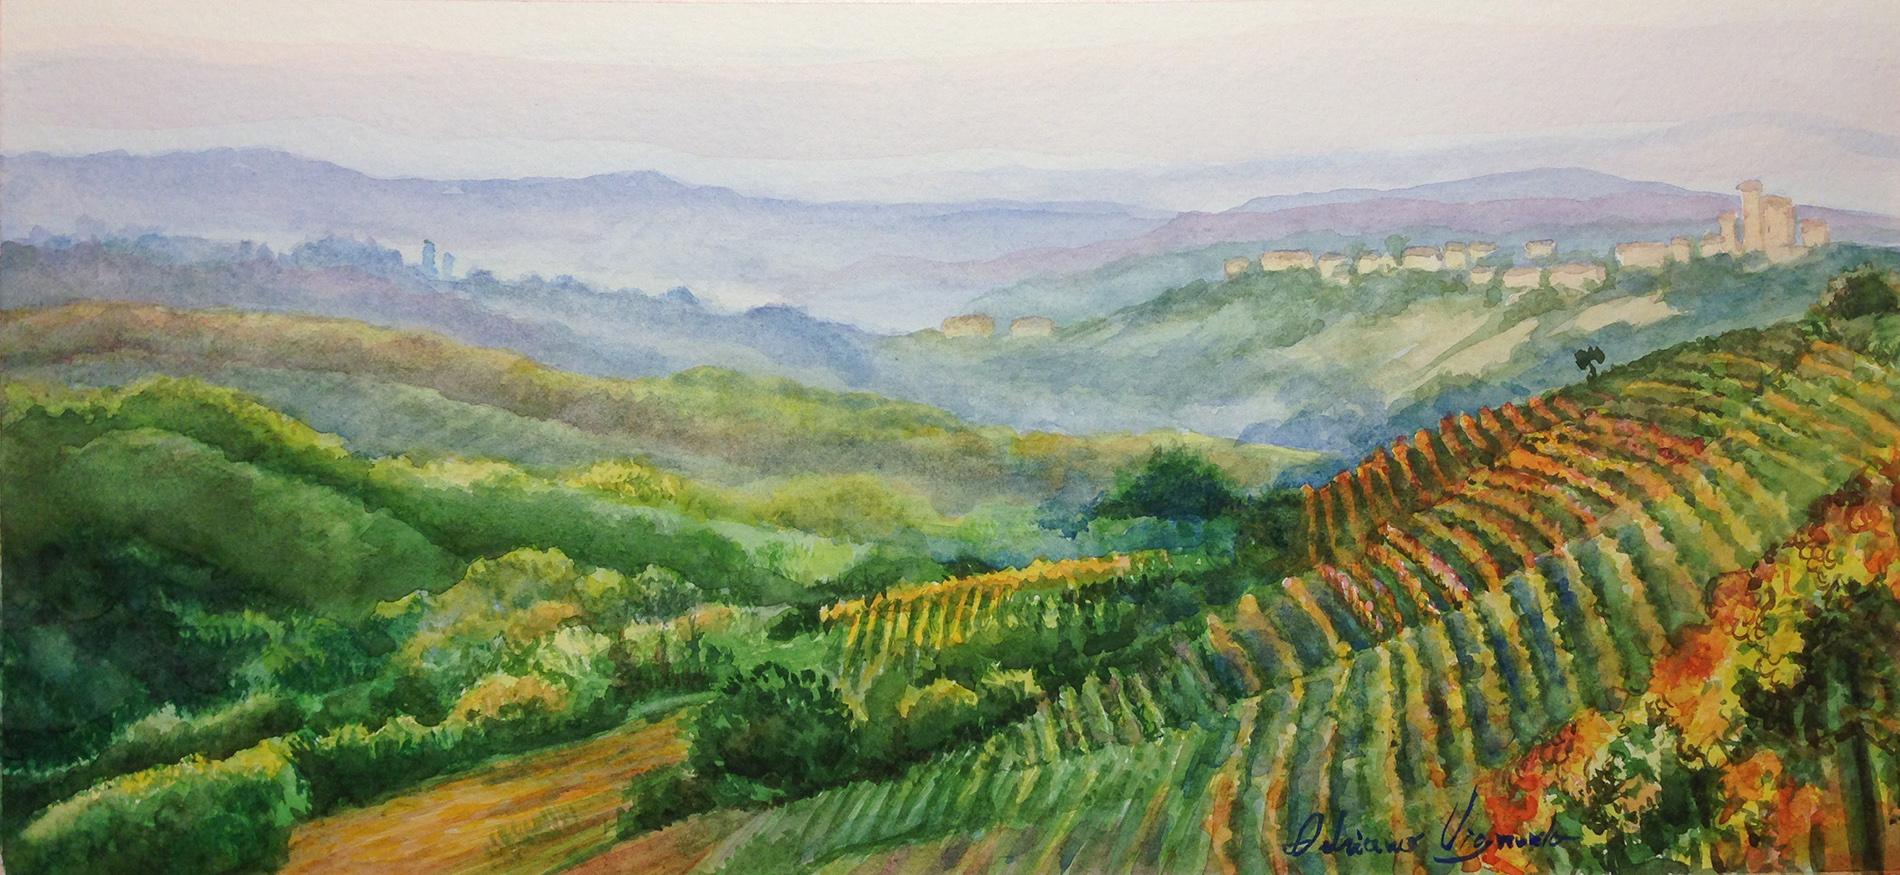 Paesaggio ad acquerello